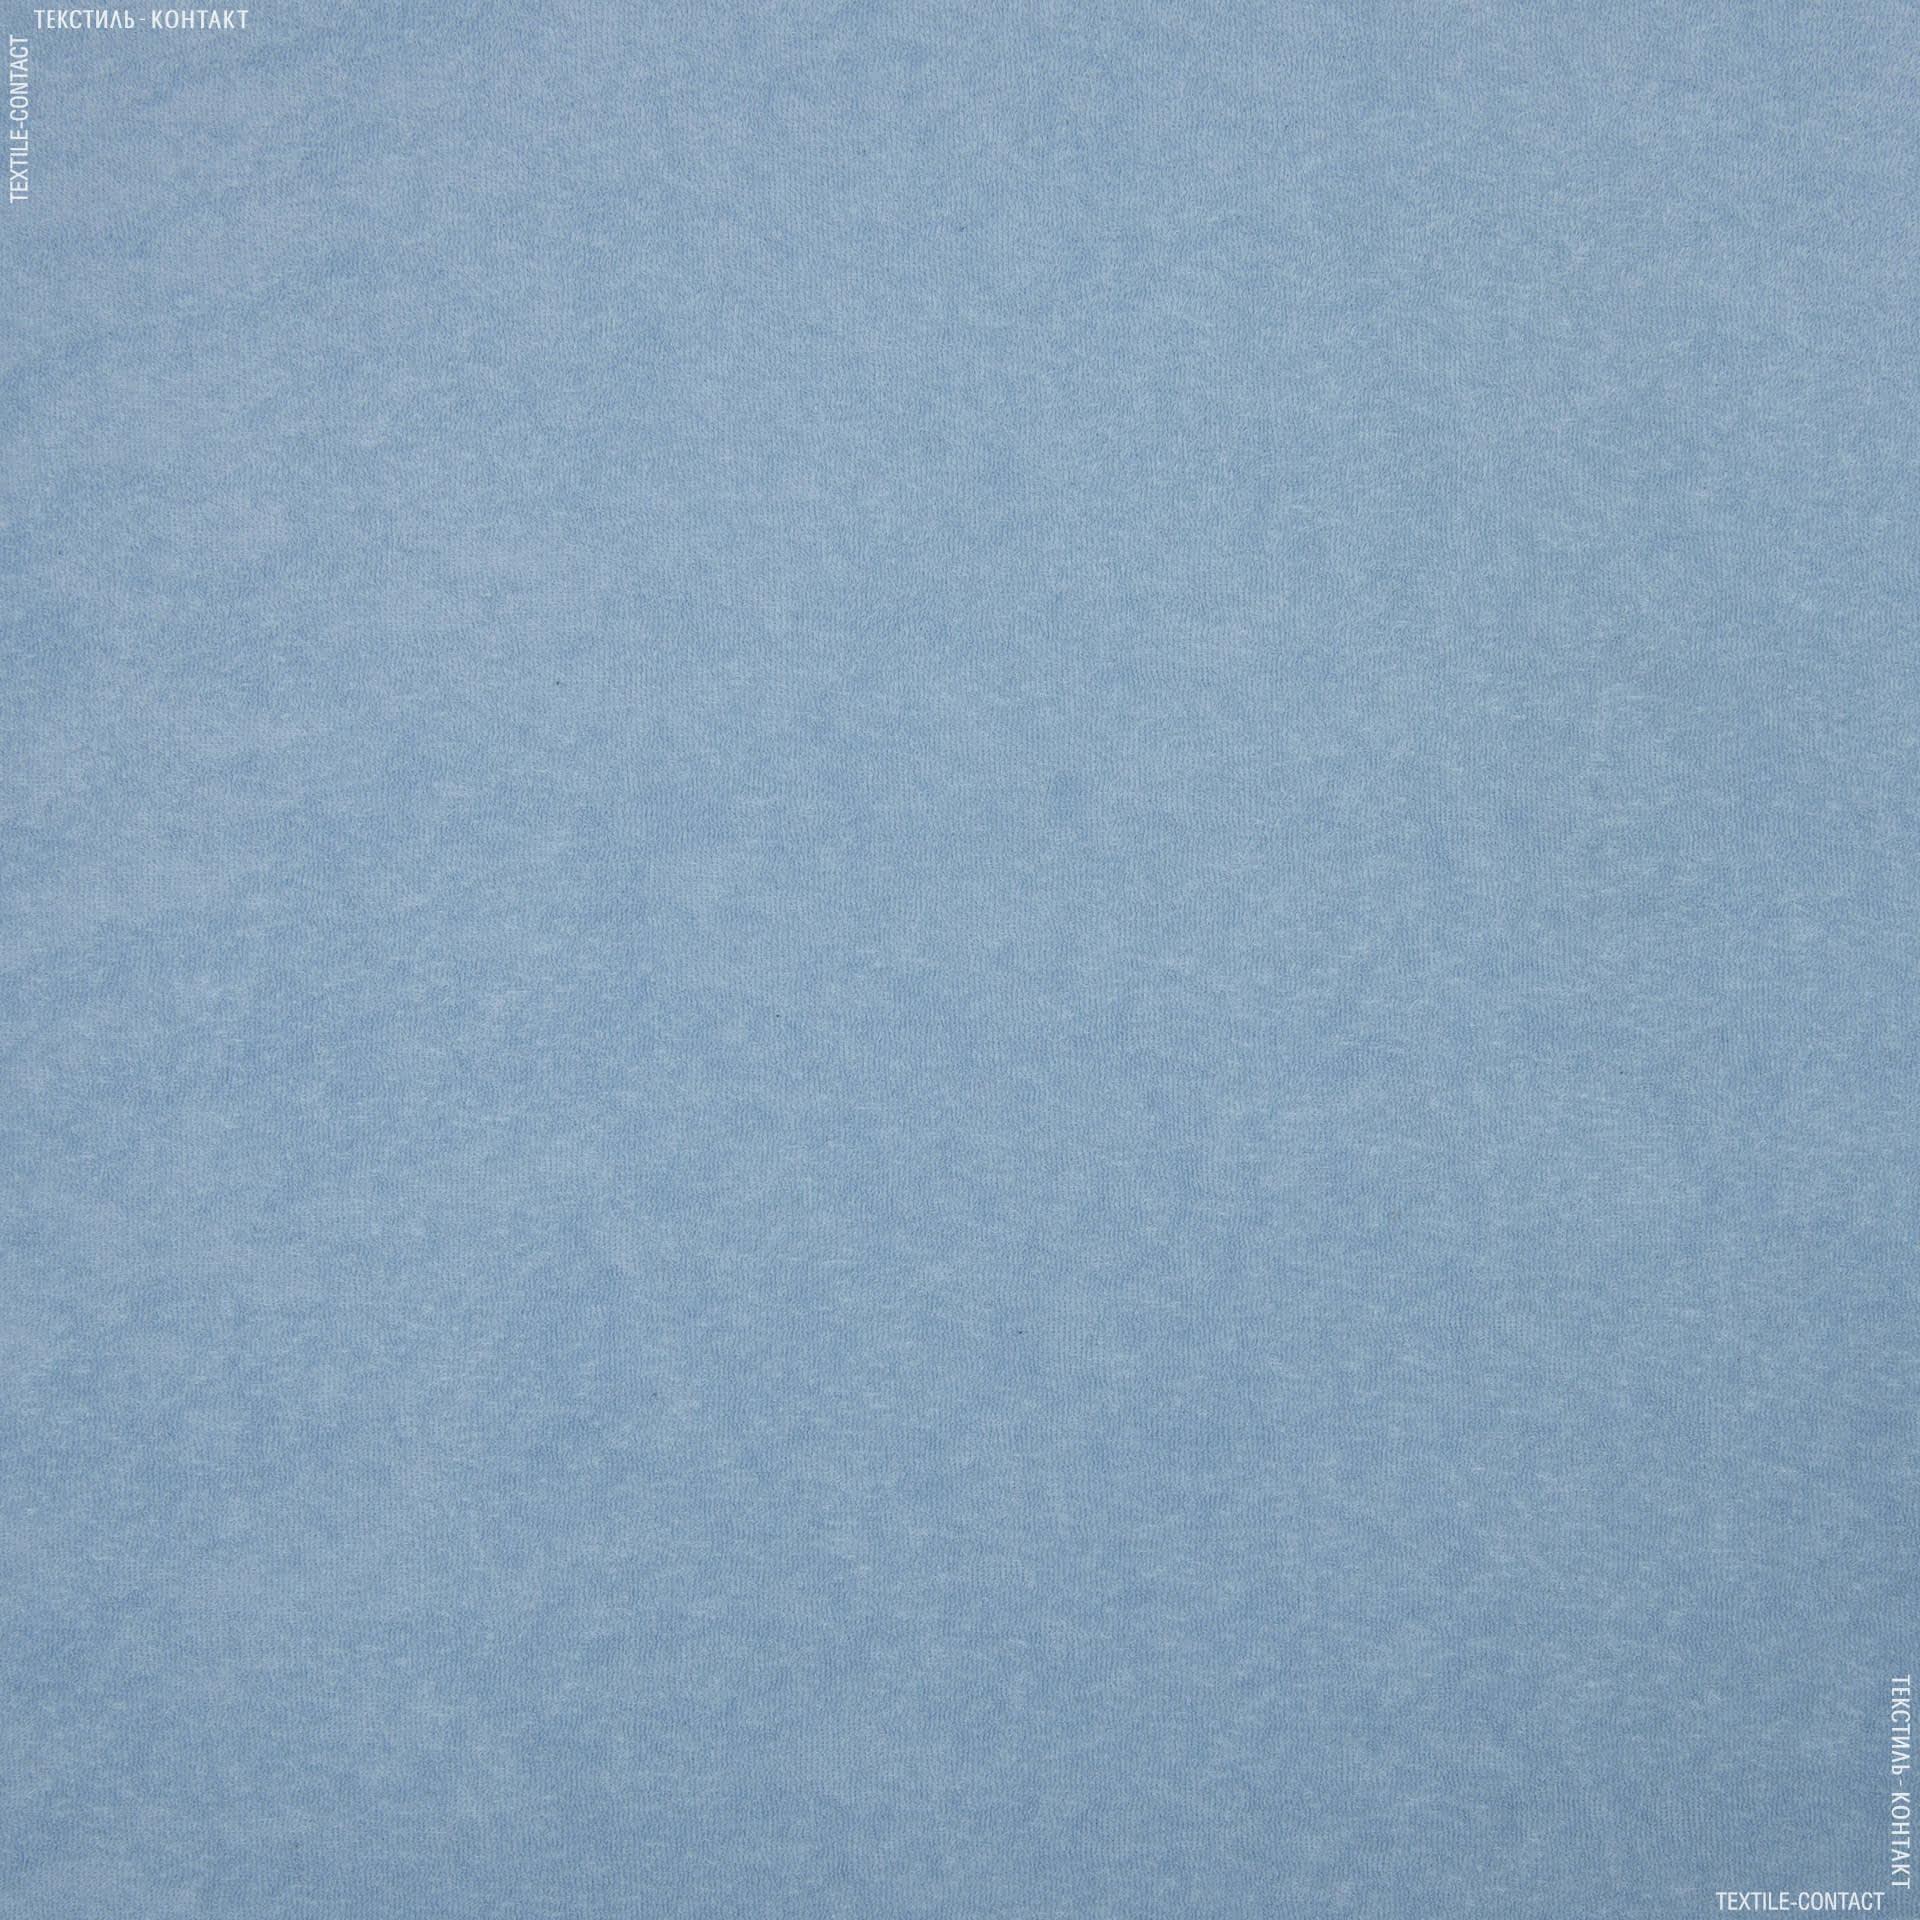 Тканини для блузок - Махрове полотно одностороннє блакитний